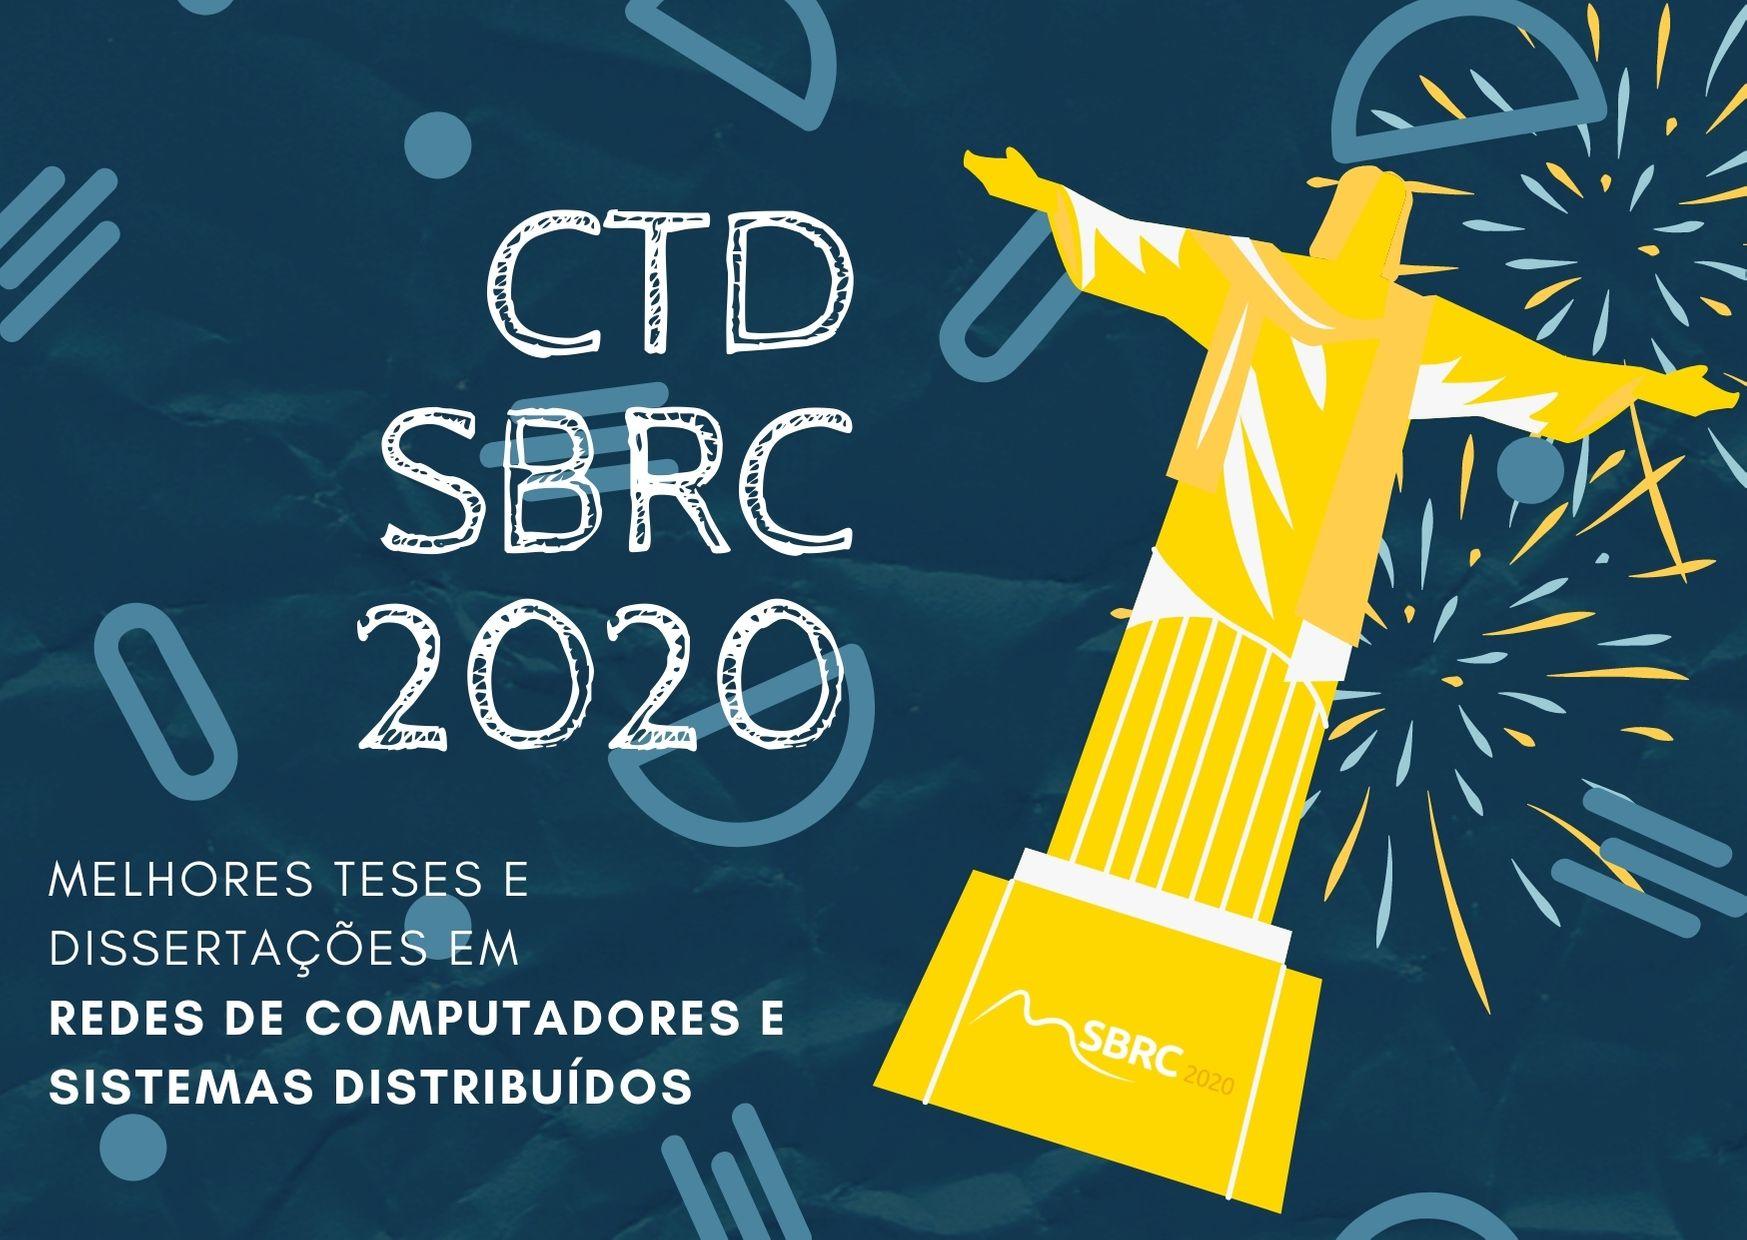 SDN para streaming em redes móveis e balanceamento de carga na Internet são os destaques do CTD@SBRC 2020